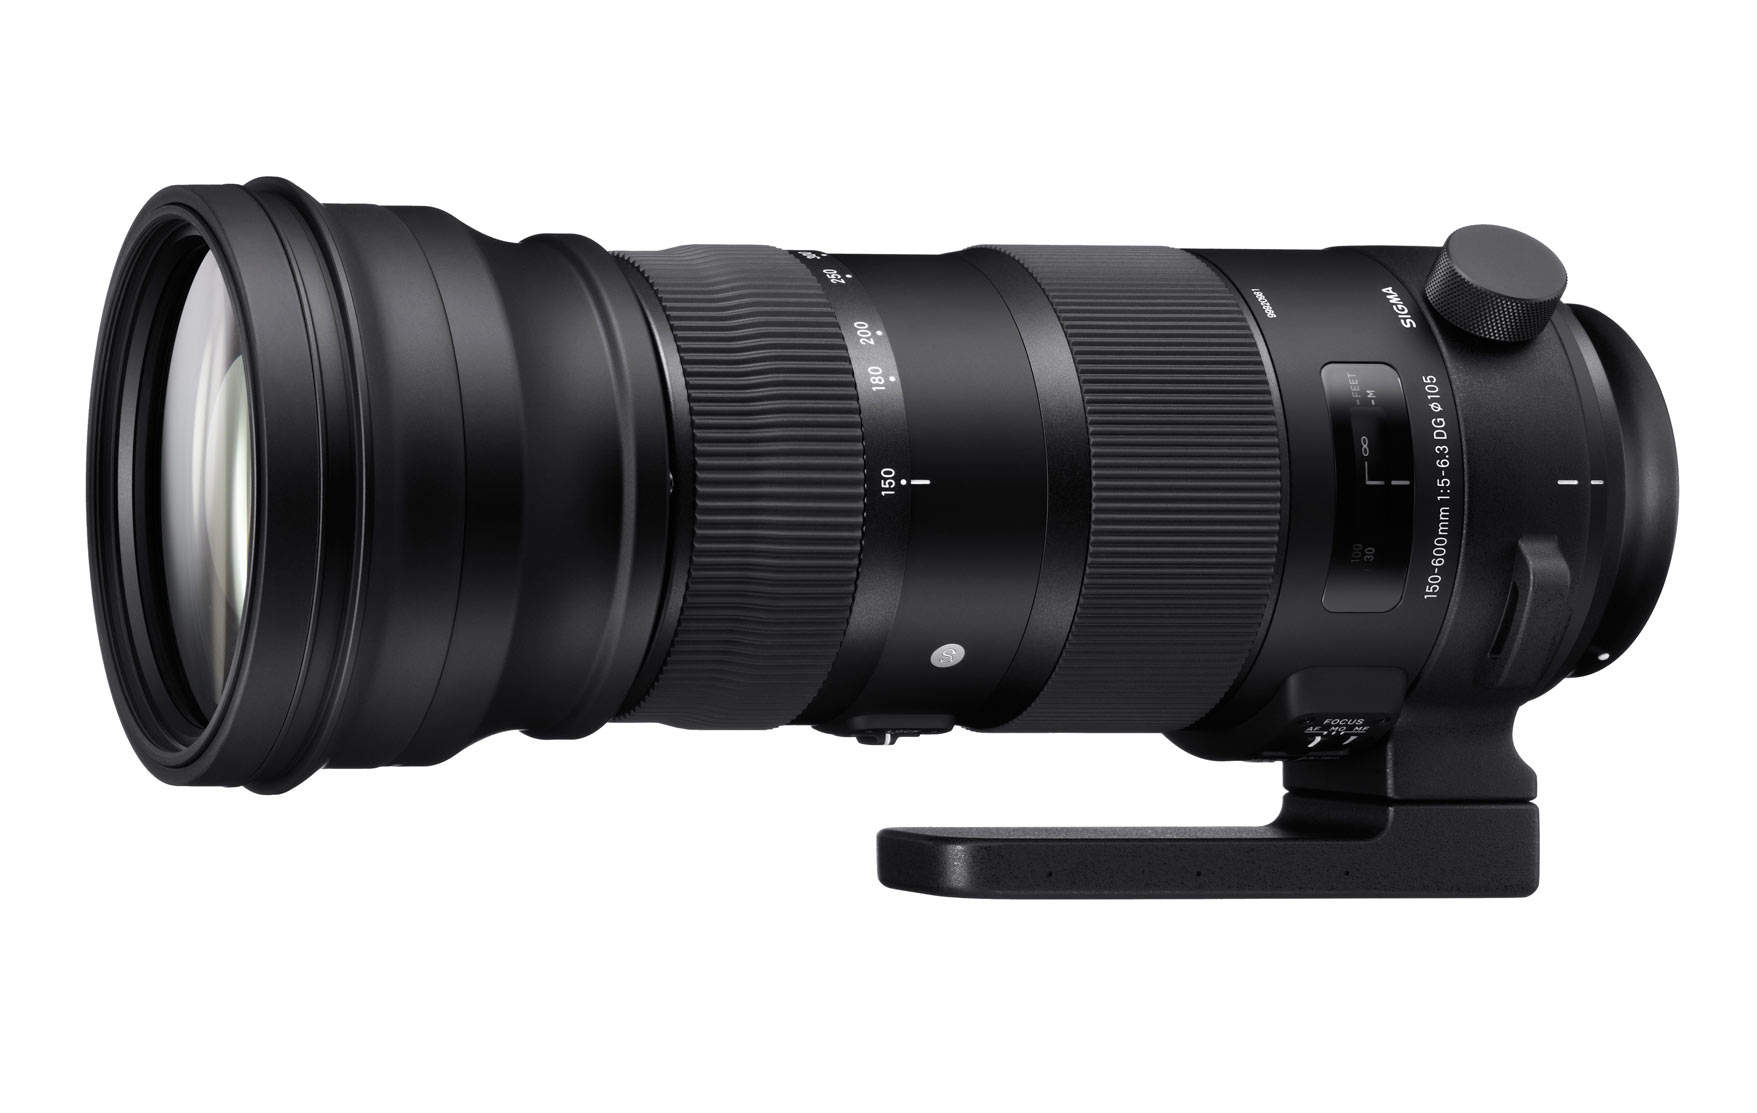 Телескопический объектив Sigma 150-600 мм F5-6.3 DG OS HSM